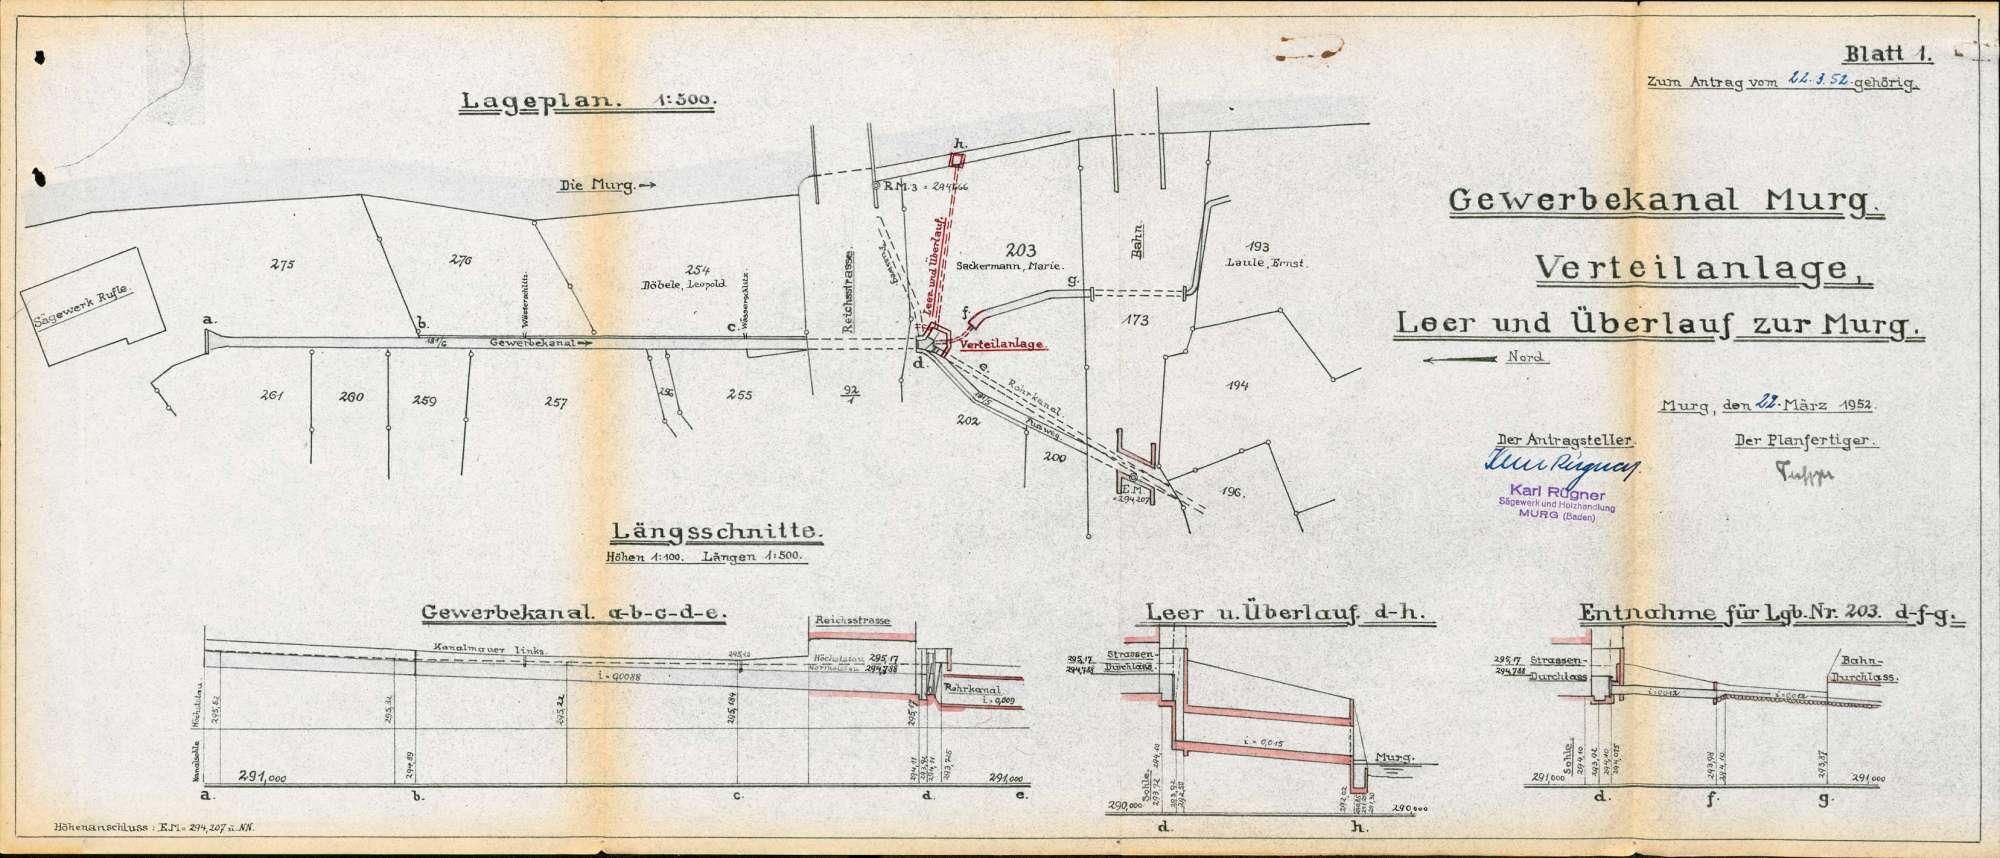 Wasserverteilanlage sowie Leer- und Überlauf des Gewerbekanals in Murg, Bild 2